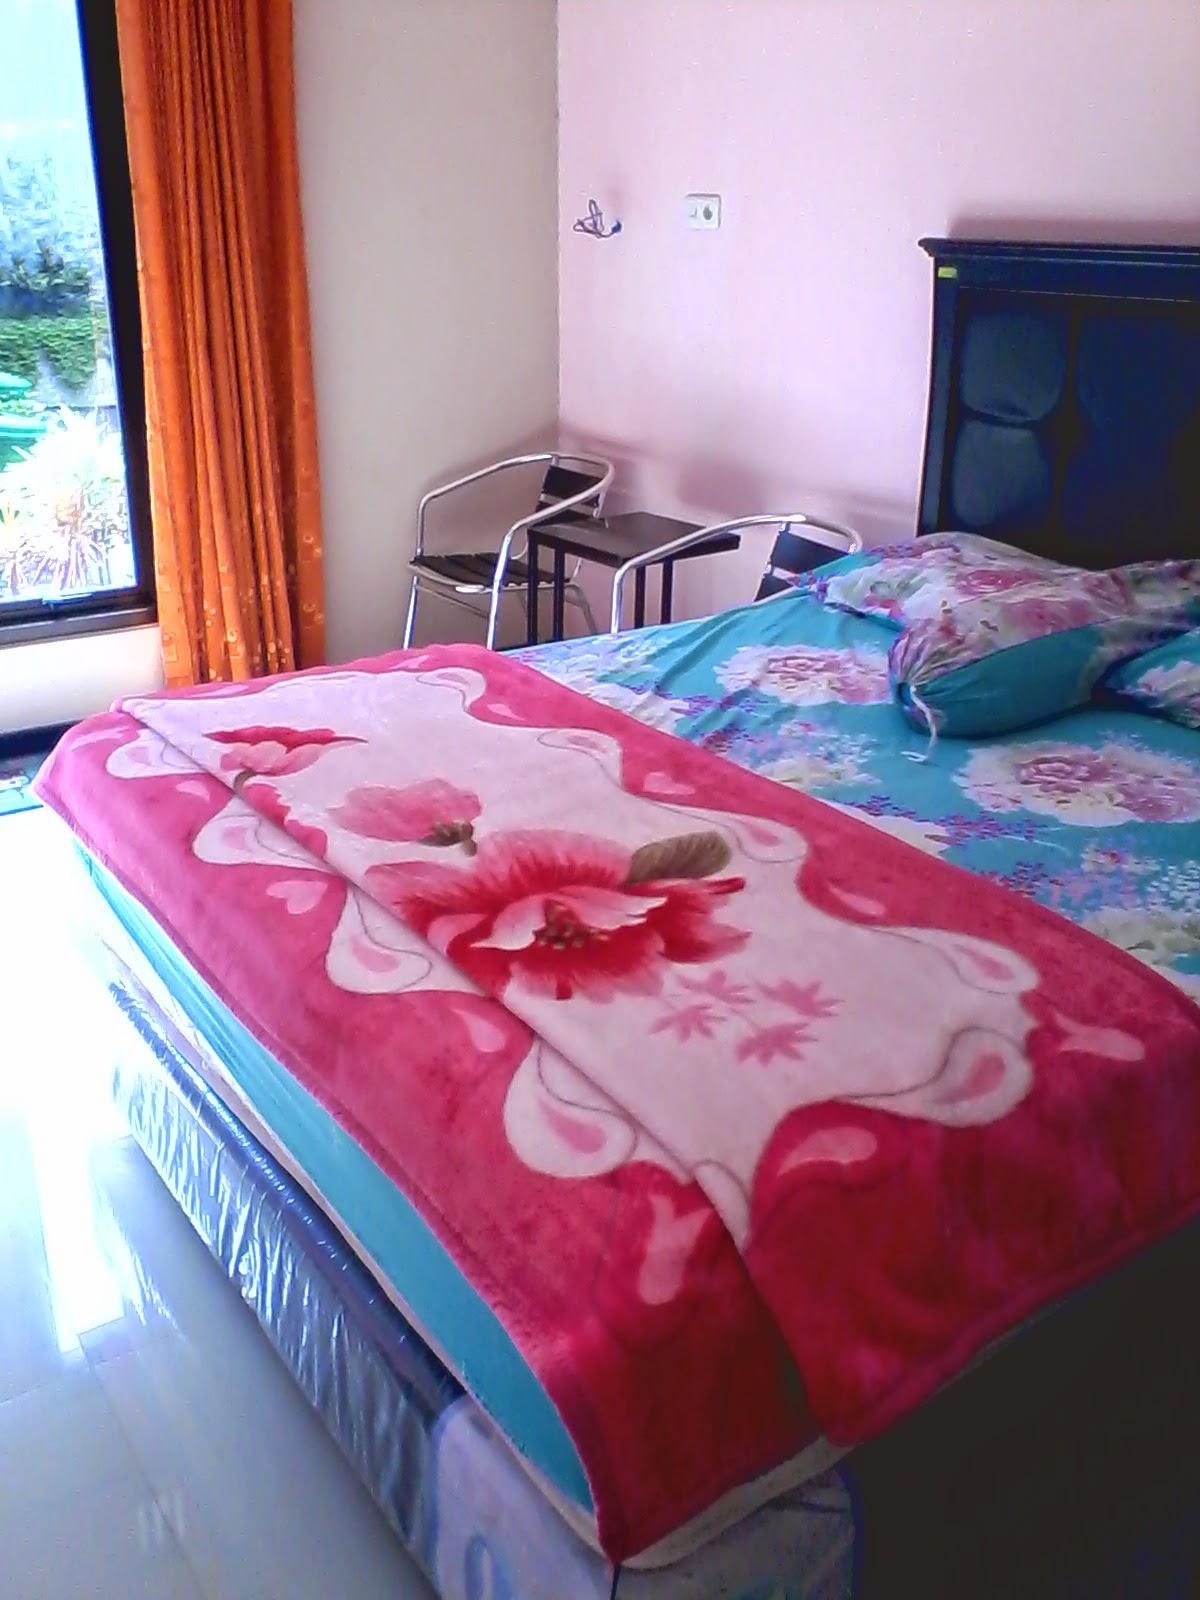 Rombongan Wisata 1 Sampai 100 Kamar Tidur Yang Di Lengkapi Fasilitas Tv Mandi Whater Heater Tiap Berfasilitas Semi Hotel Murah Meriah